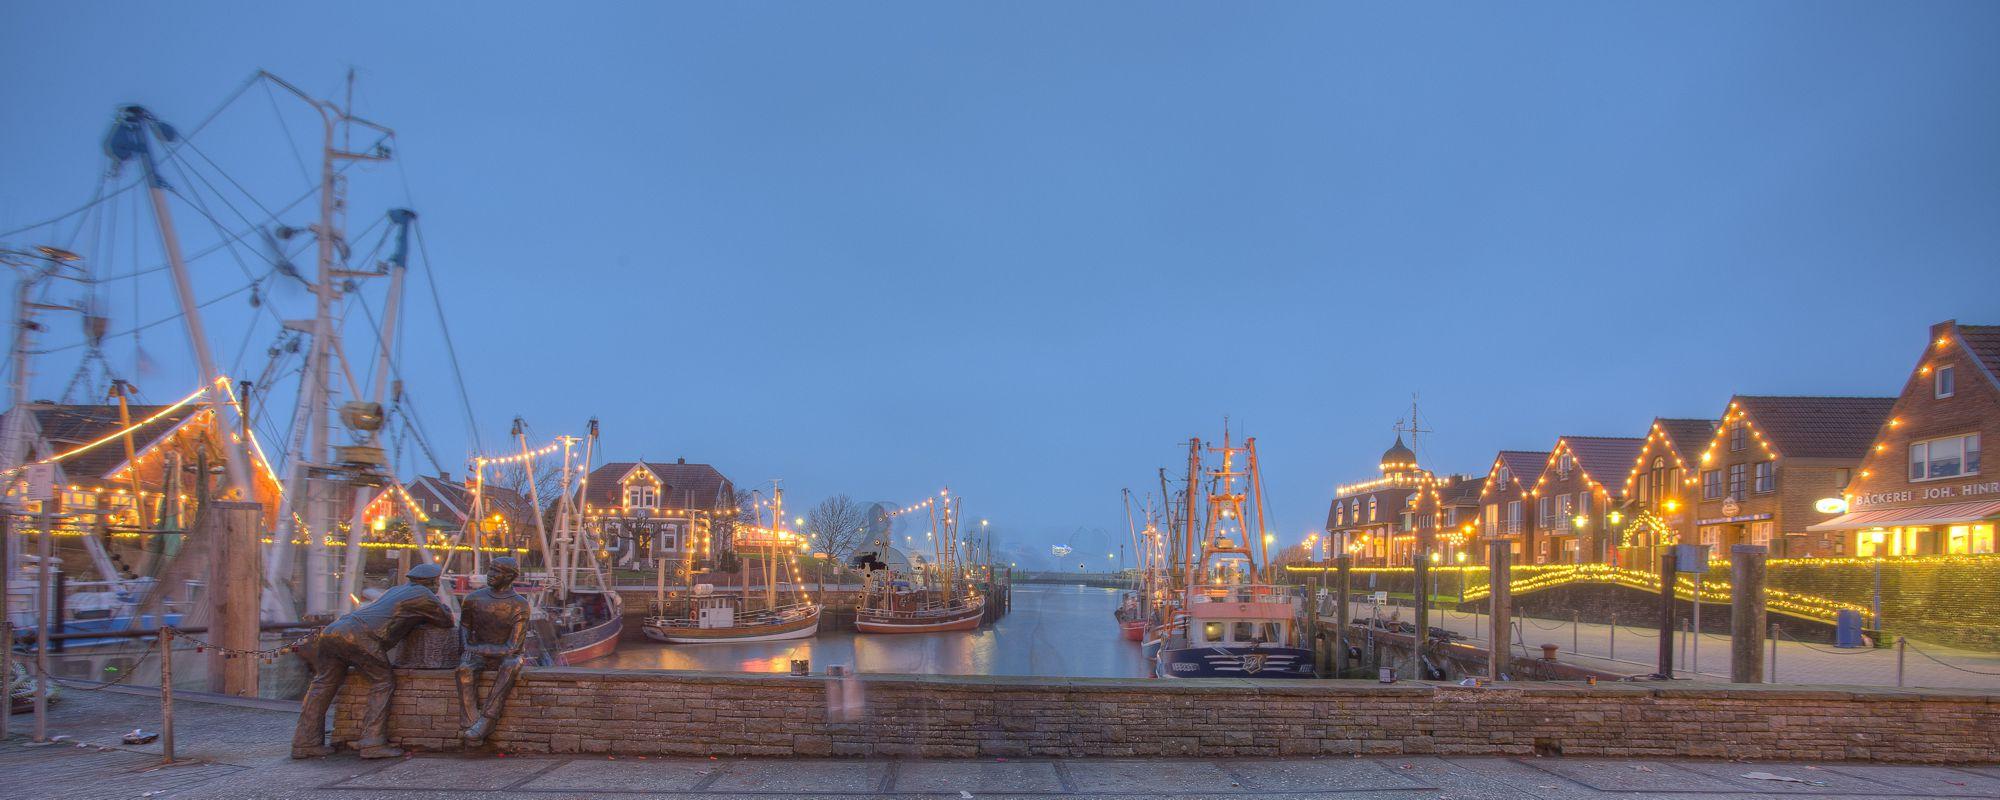 Kutterhafen Neuharlingersiel Weihnachten